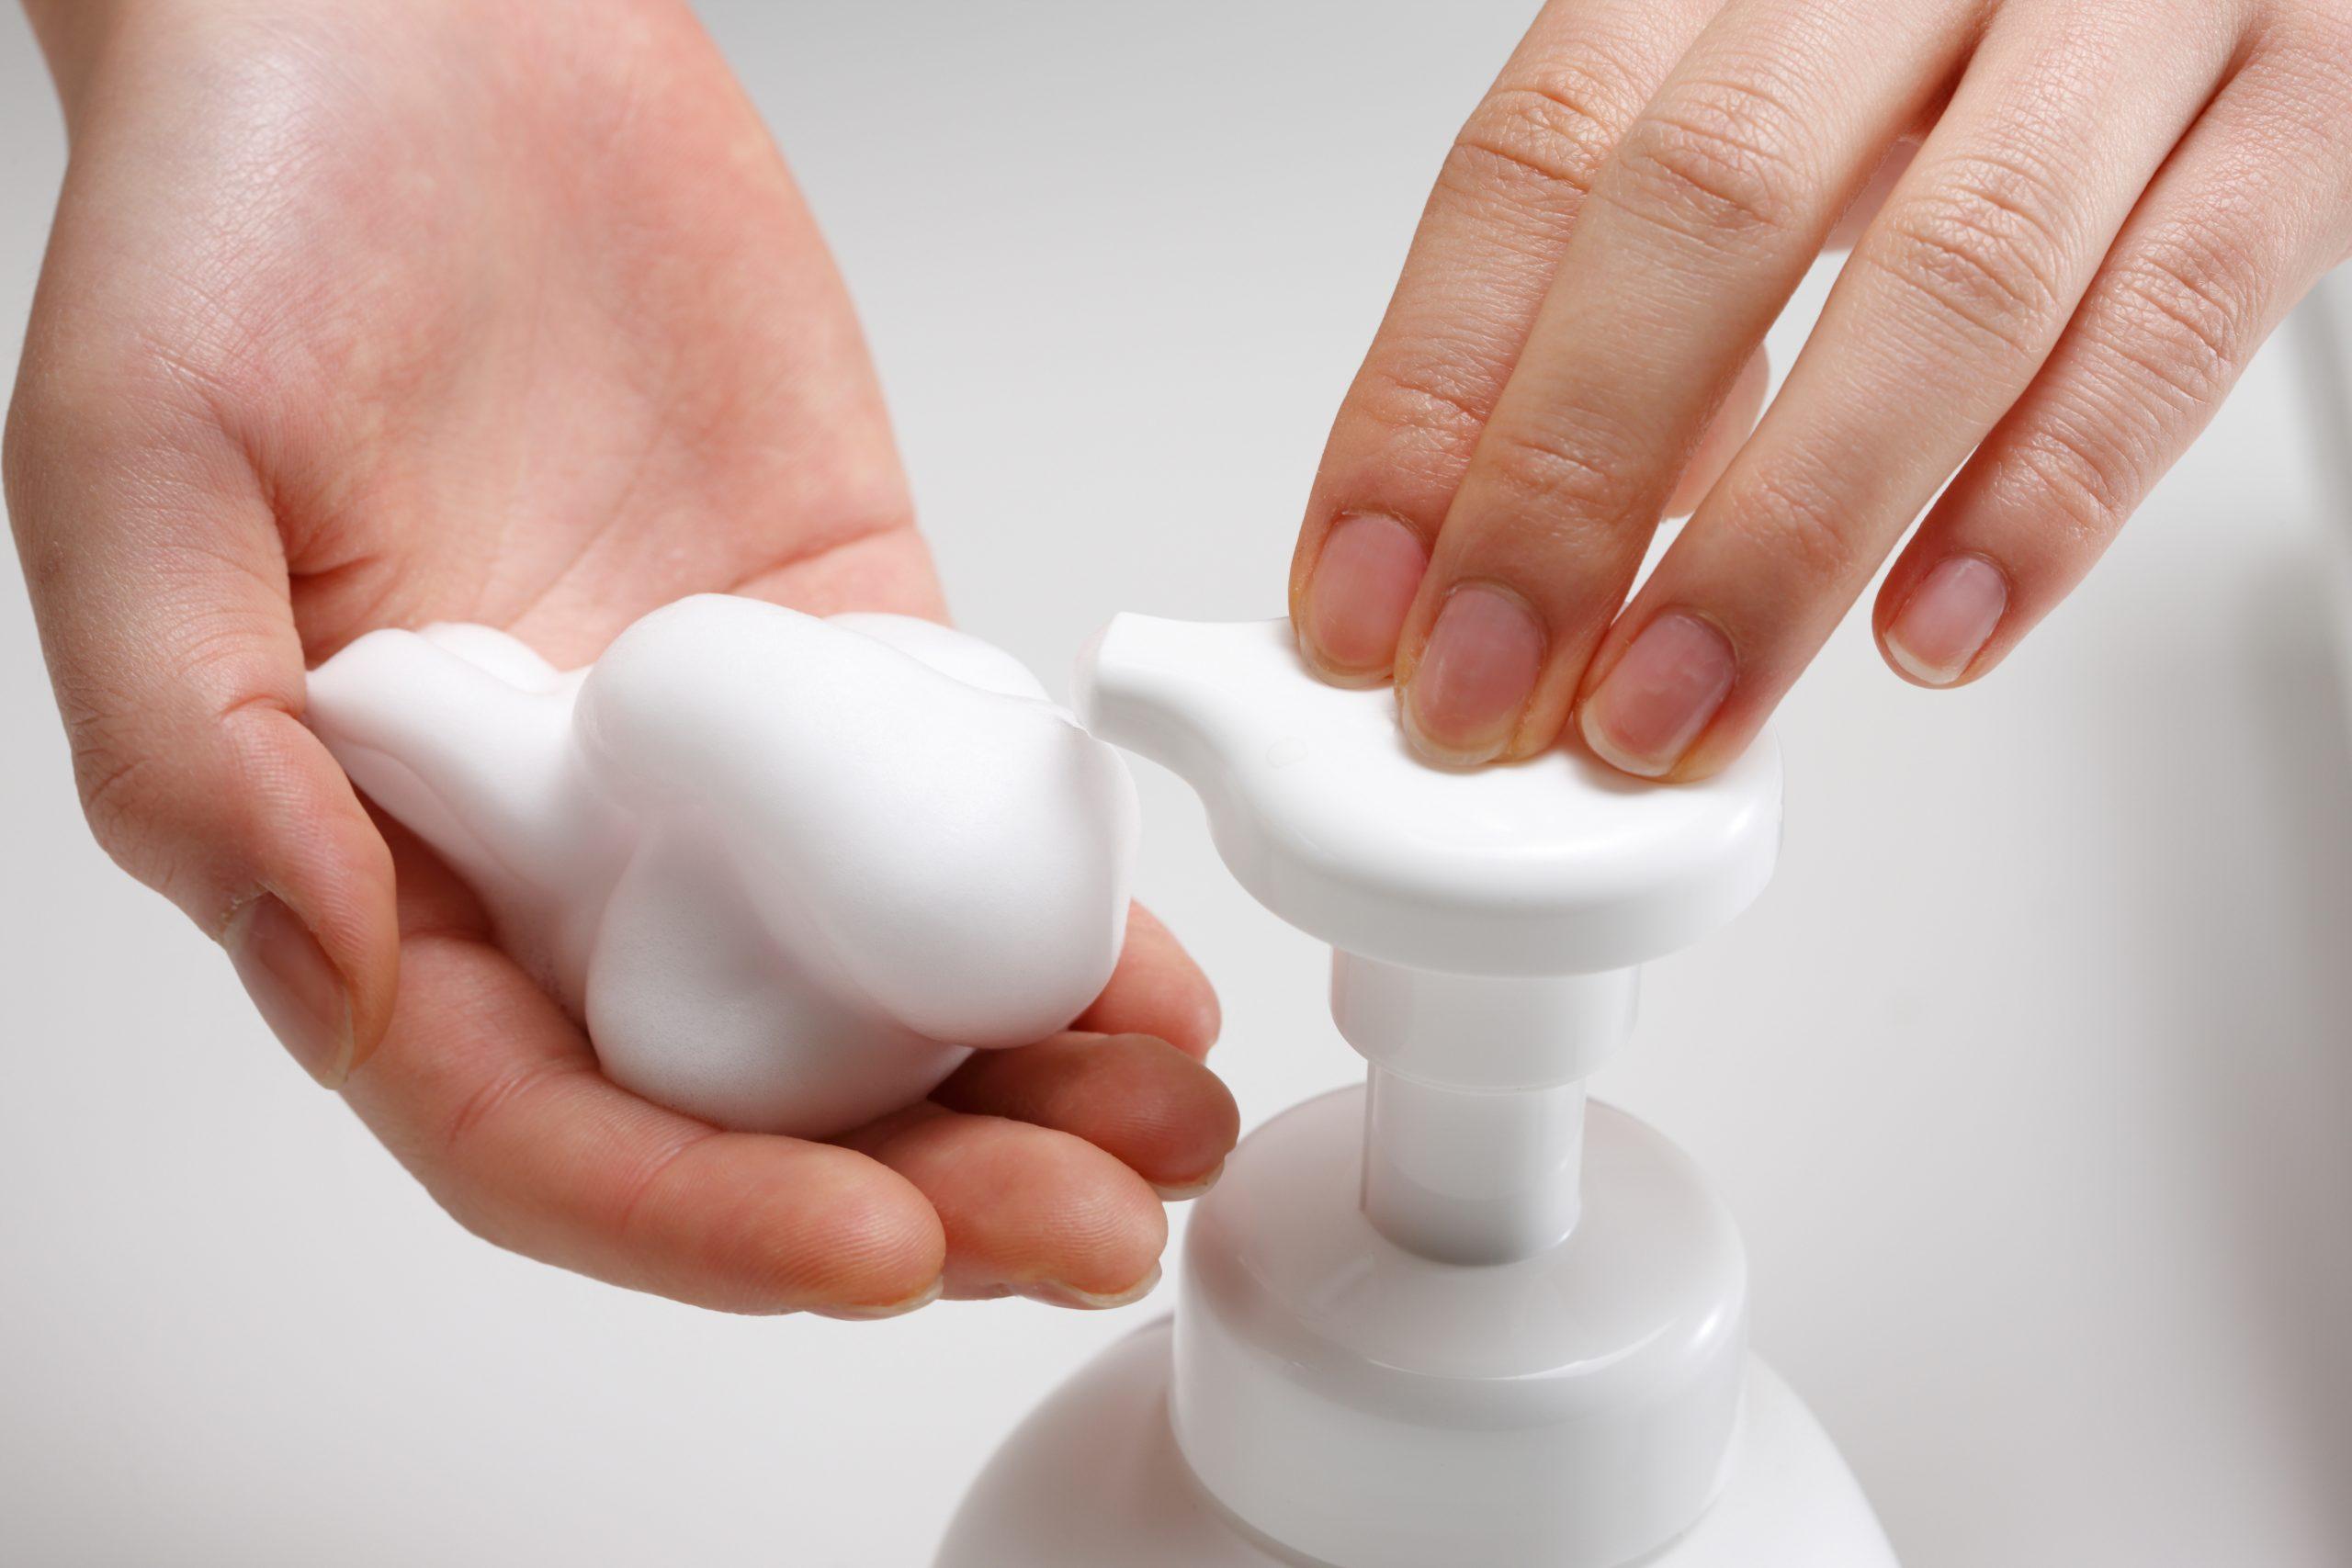 手を洗う少女の手